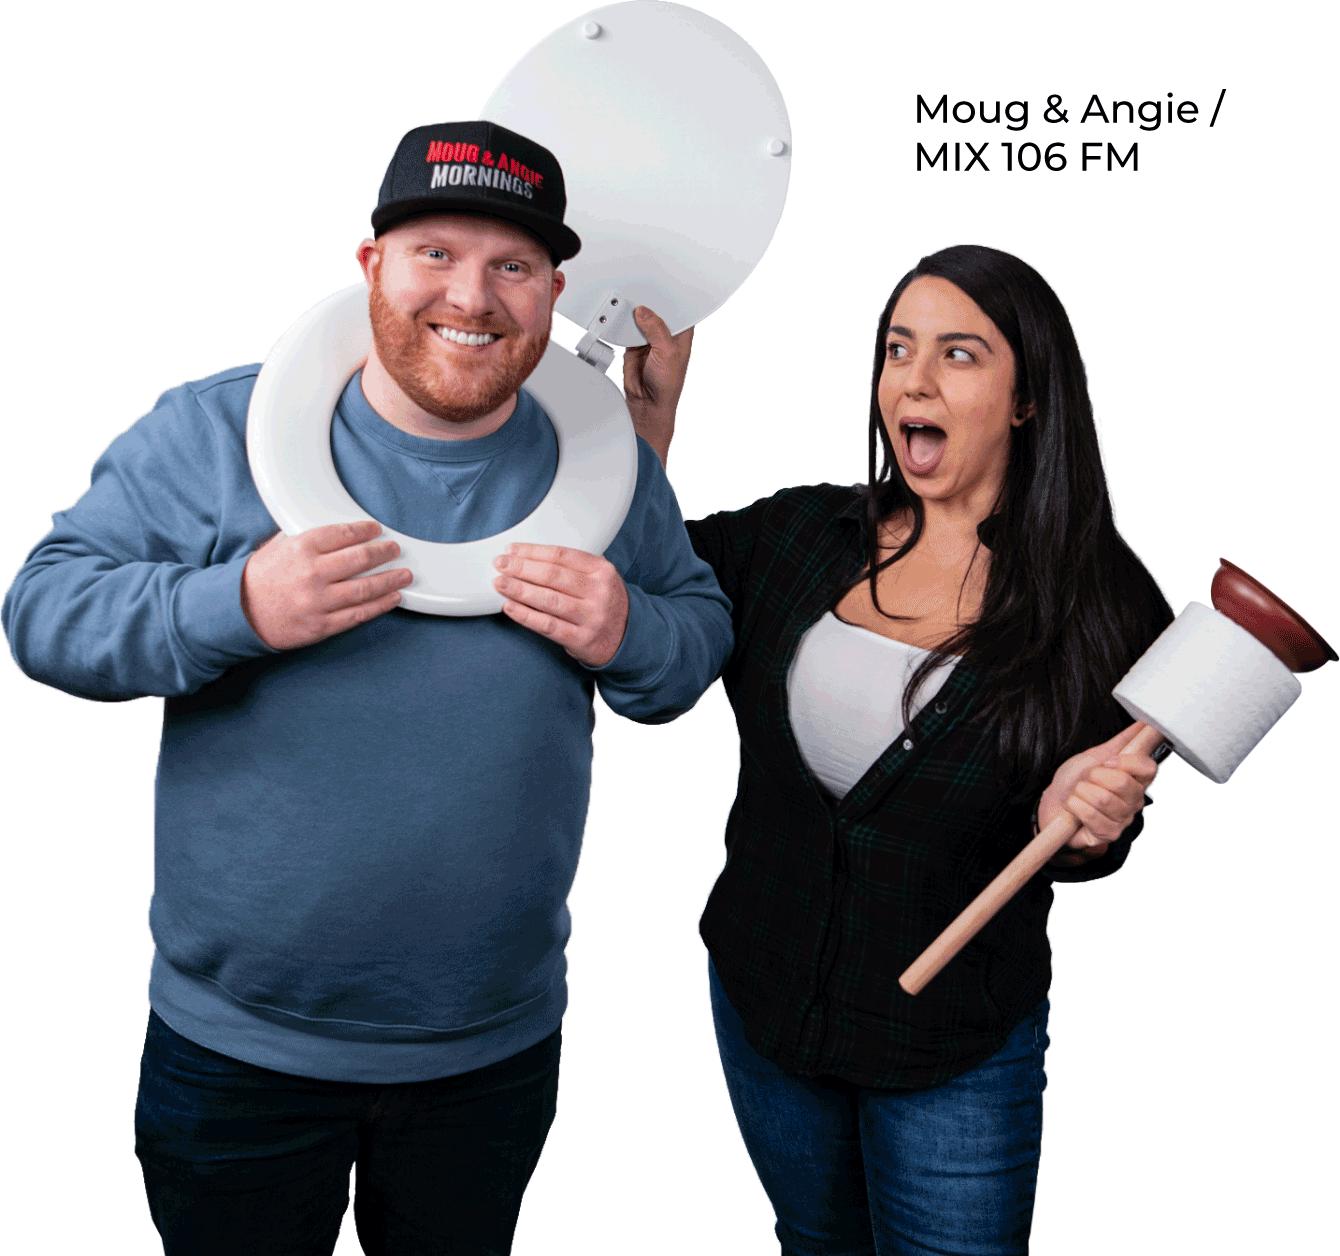 Moug and Angie